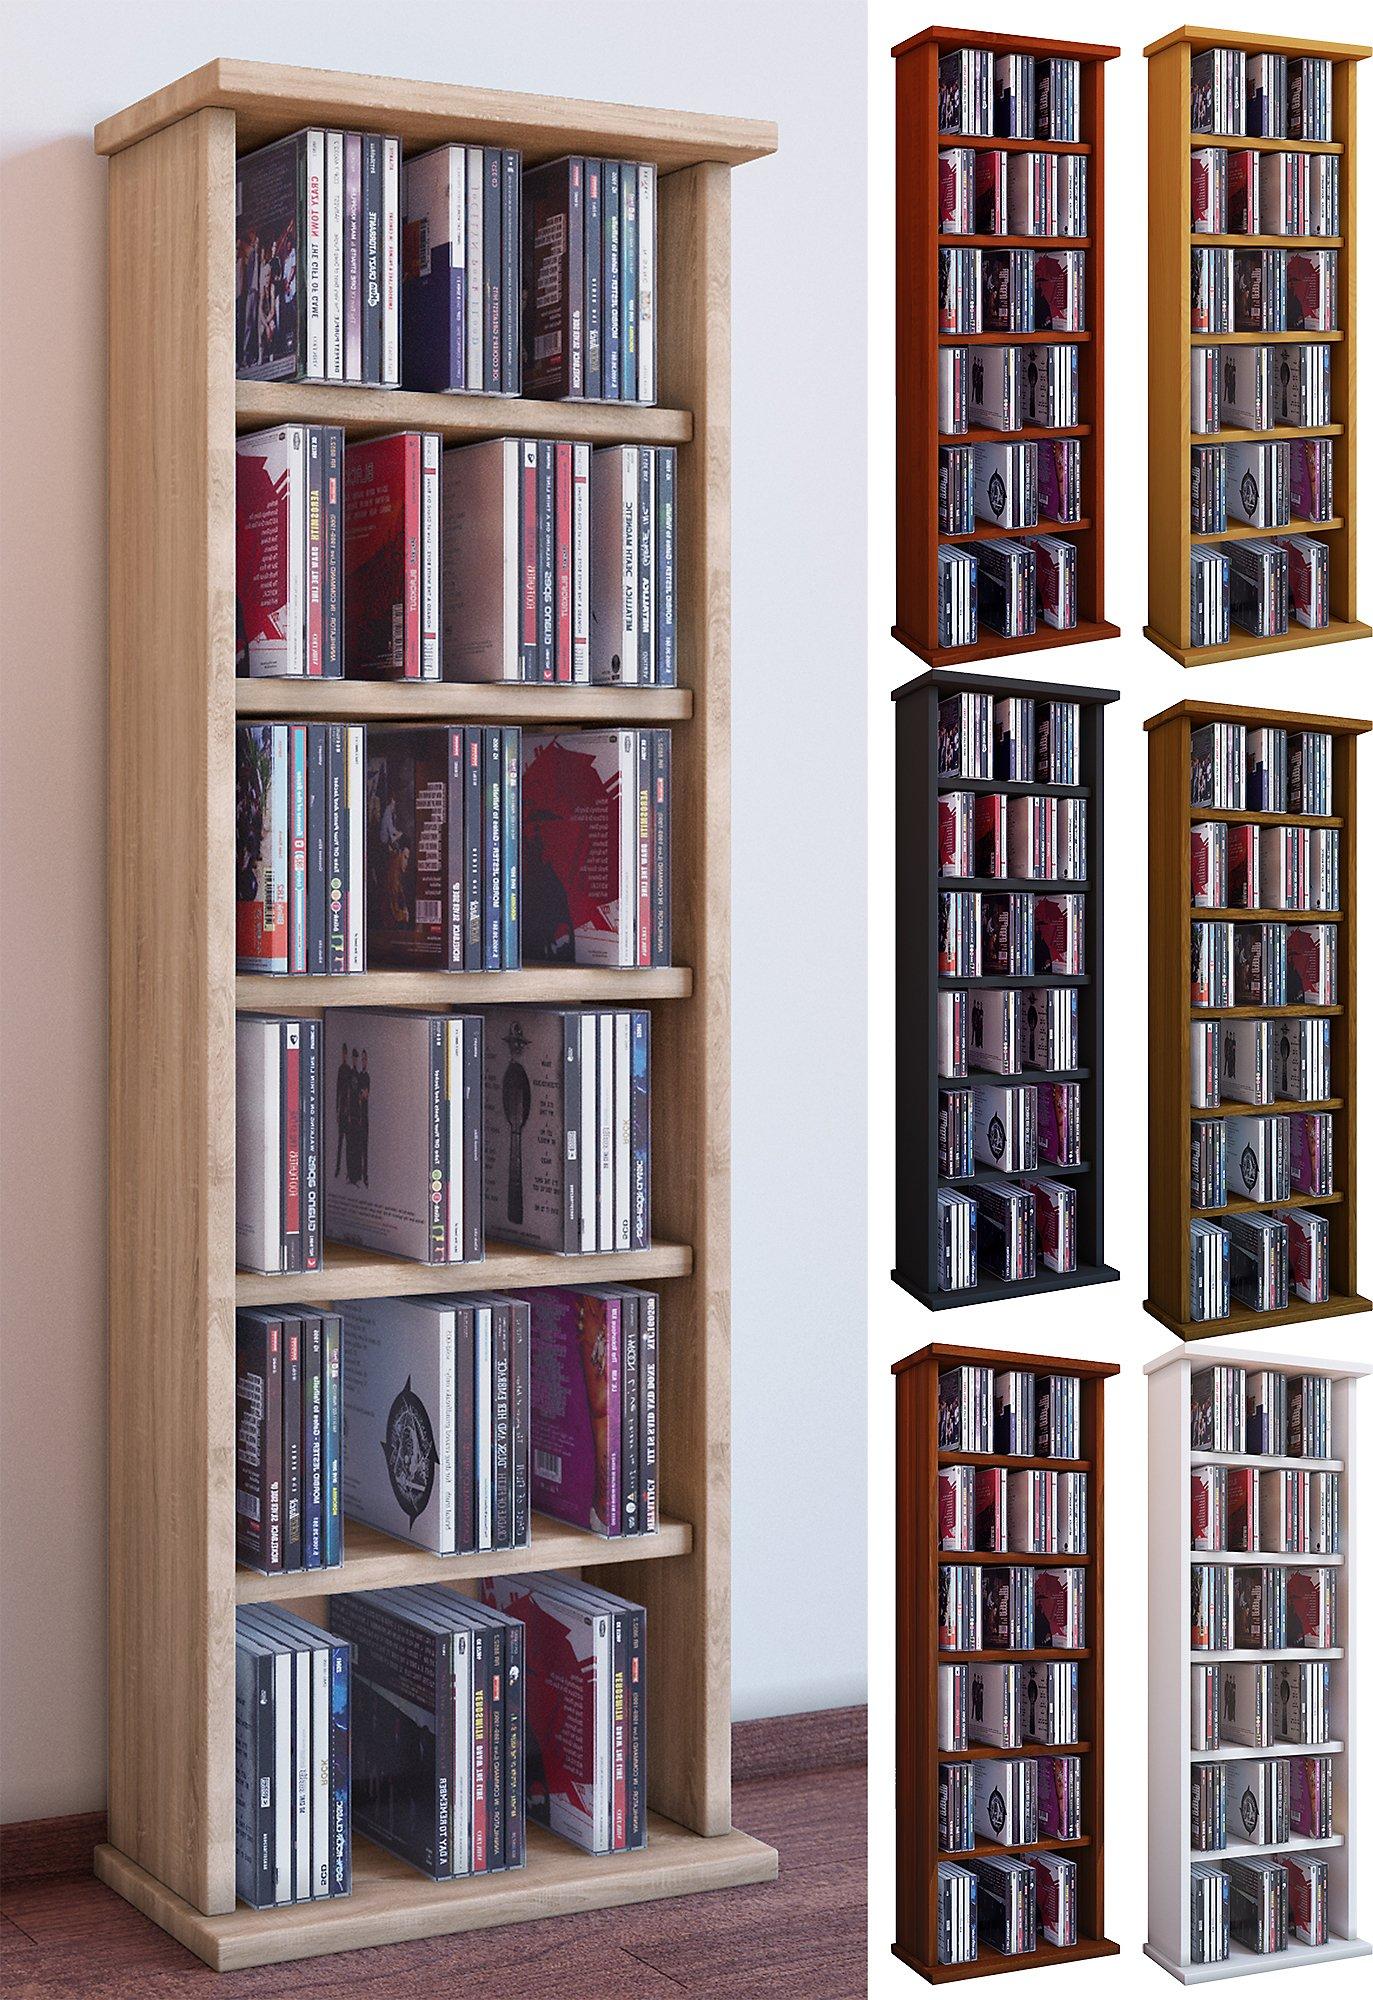 Full Size of Dvd Regal Vcm Cd Rack Medienregal Medienschrank Aufbewahrung Paletten Stecksystem Weiße Regale Schmale Holz Kleiderschrank Mit Gebrauchte Kisten Kinderzimmer Regal Dvd Regal